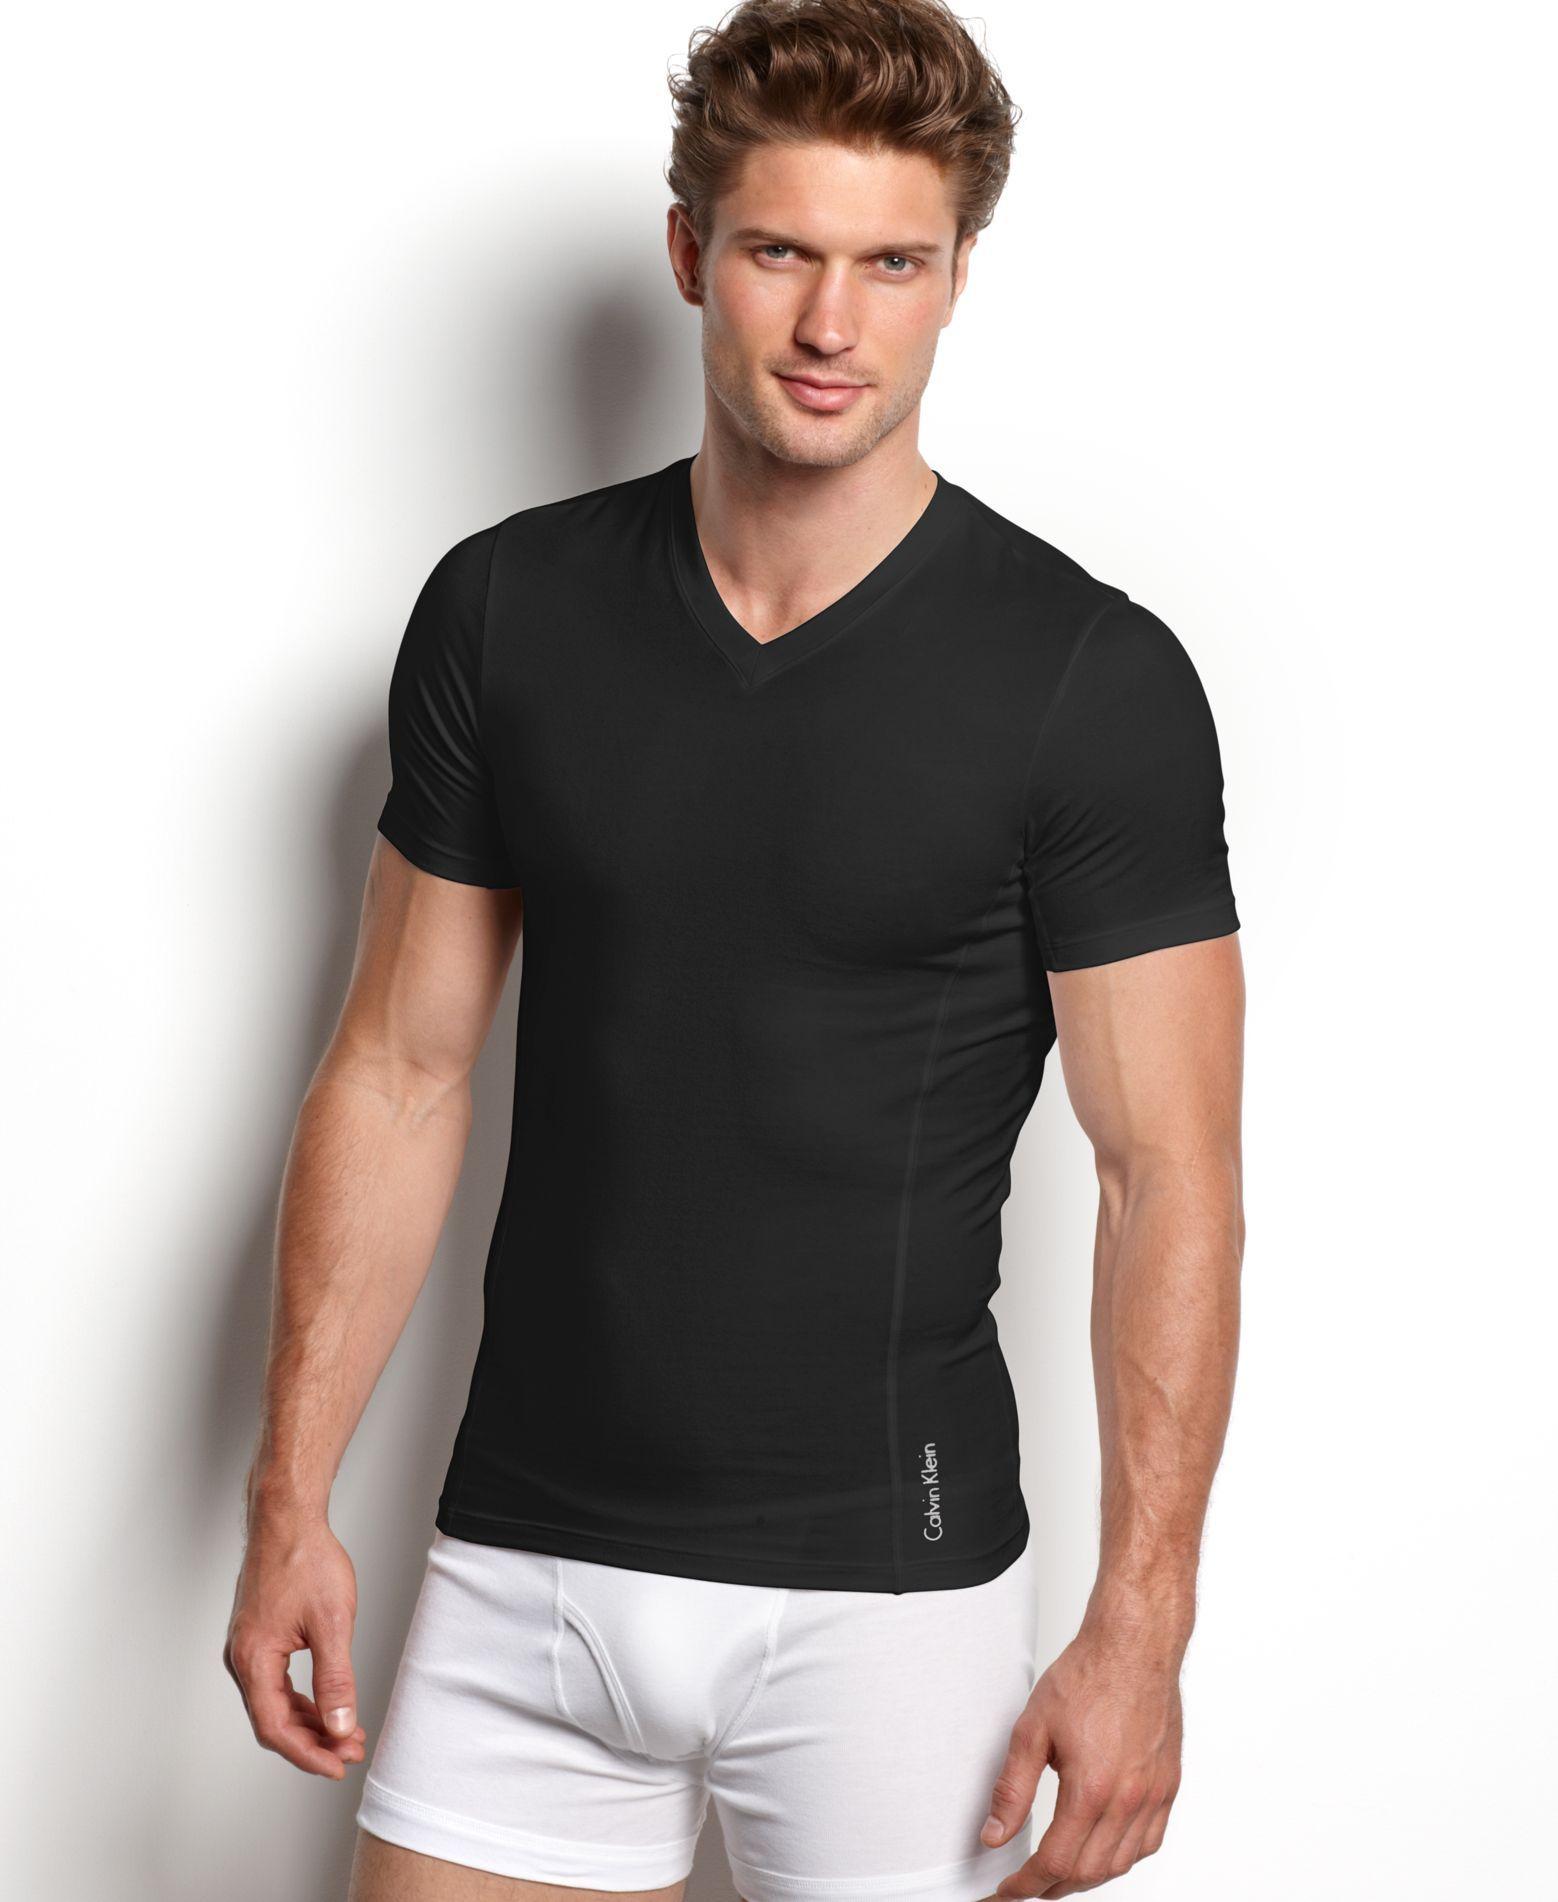 ba2954436cac8 Calvin Klein Men s Underwear